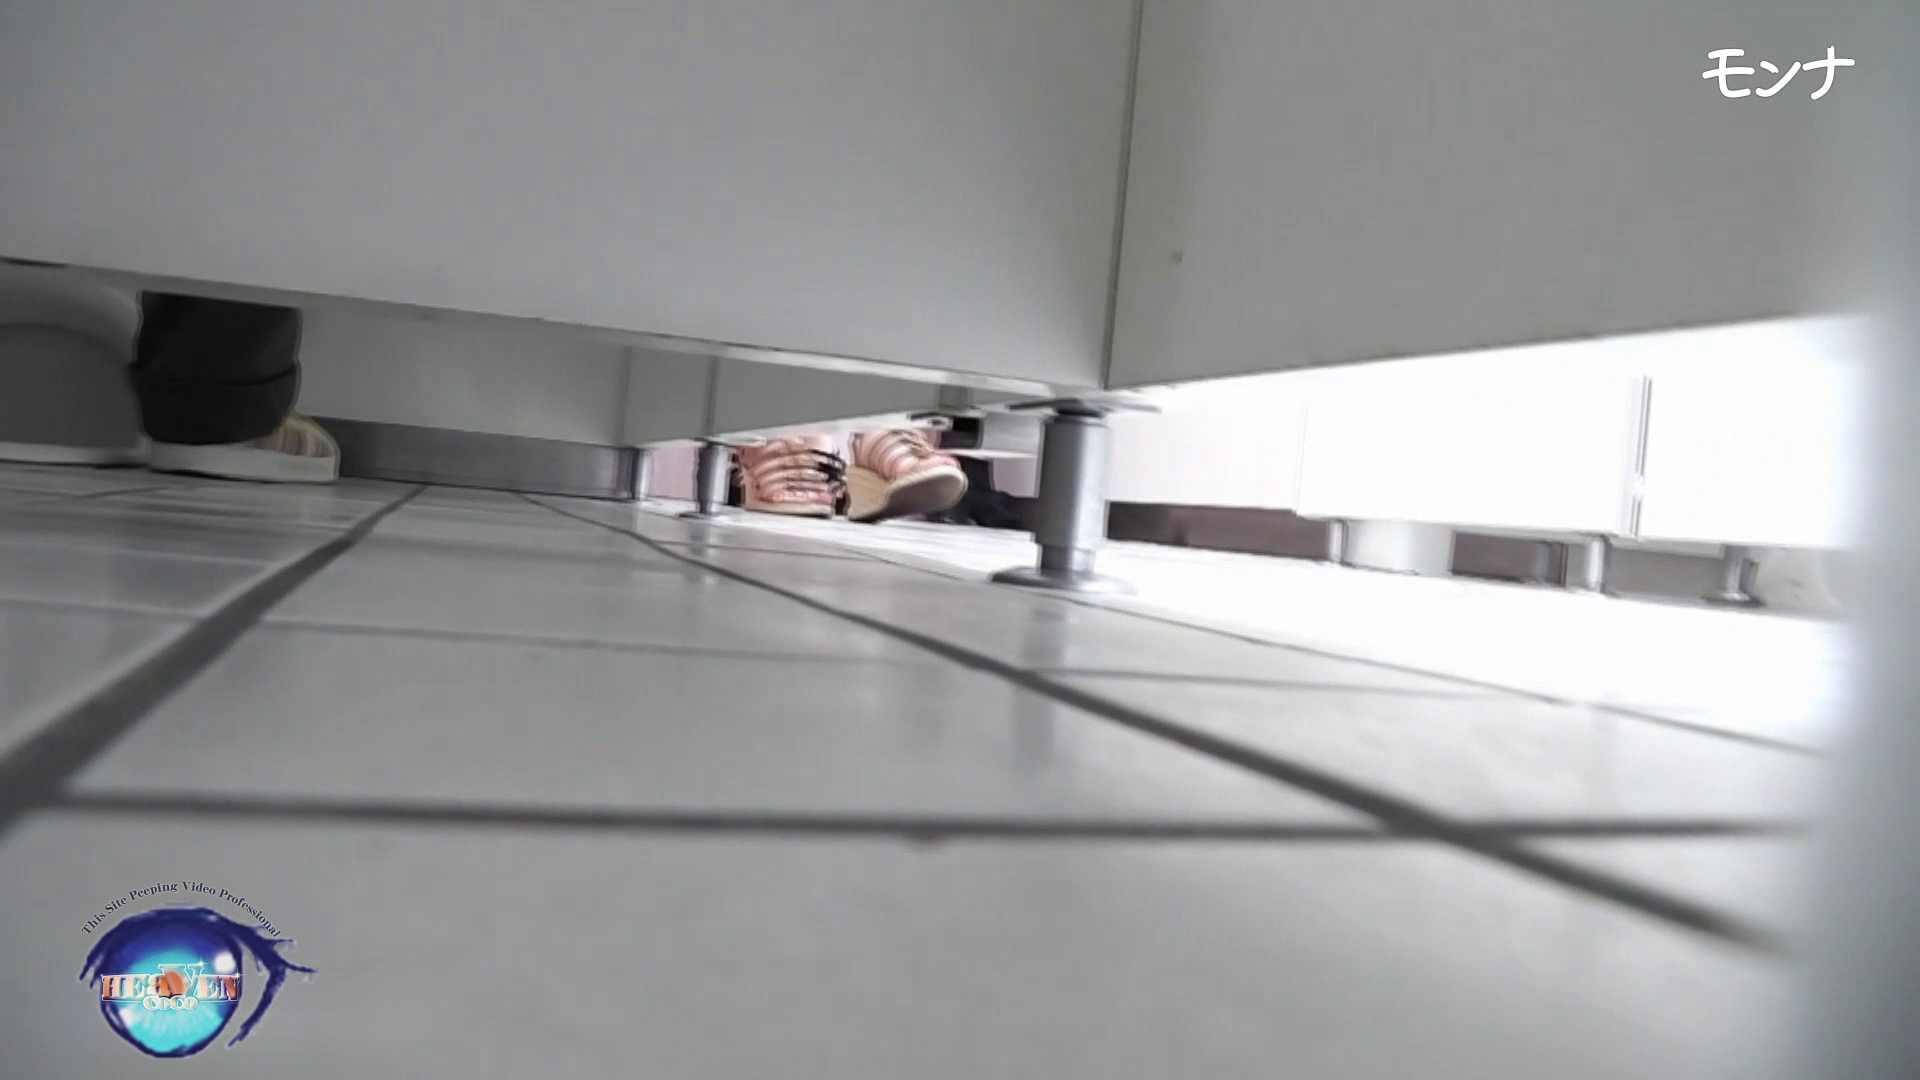 【美しい日本の未来】美しい日本の未来 No.76 育ちのいいお嬢様達は、トイレの姿勢も綺麗・・・・・ お尻   パンスト  88pic 83